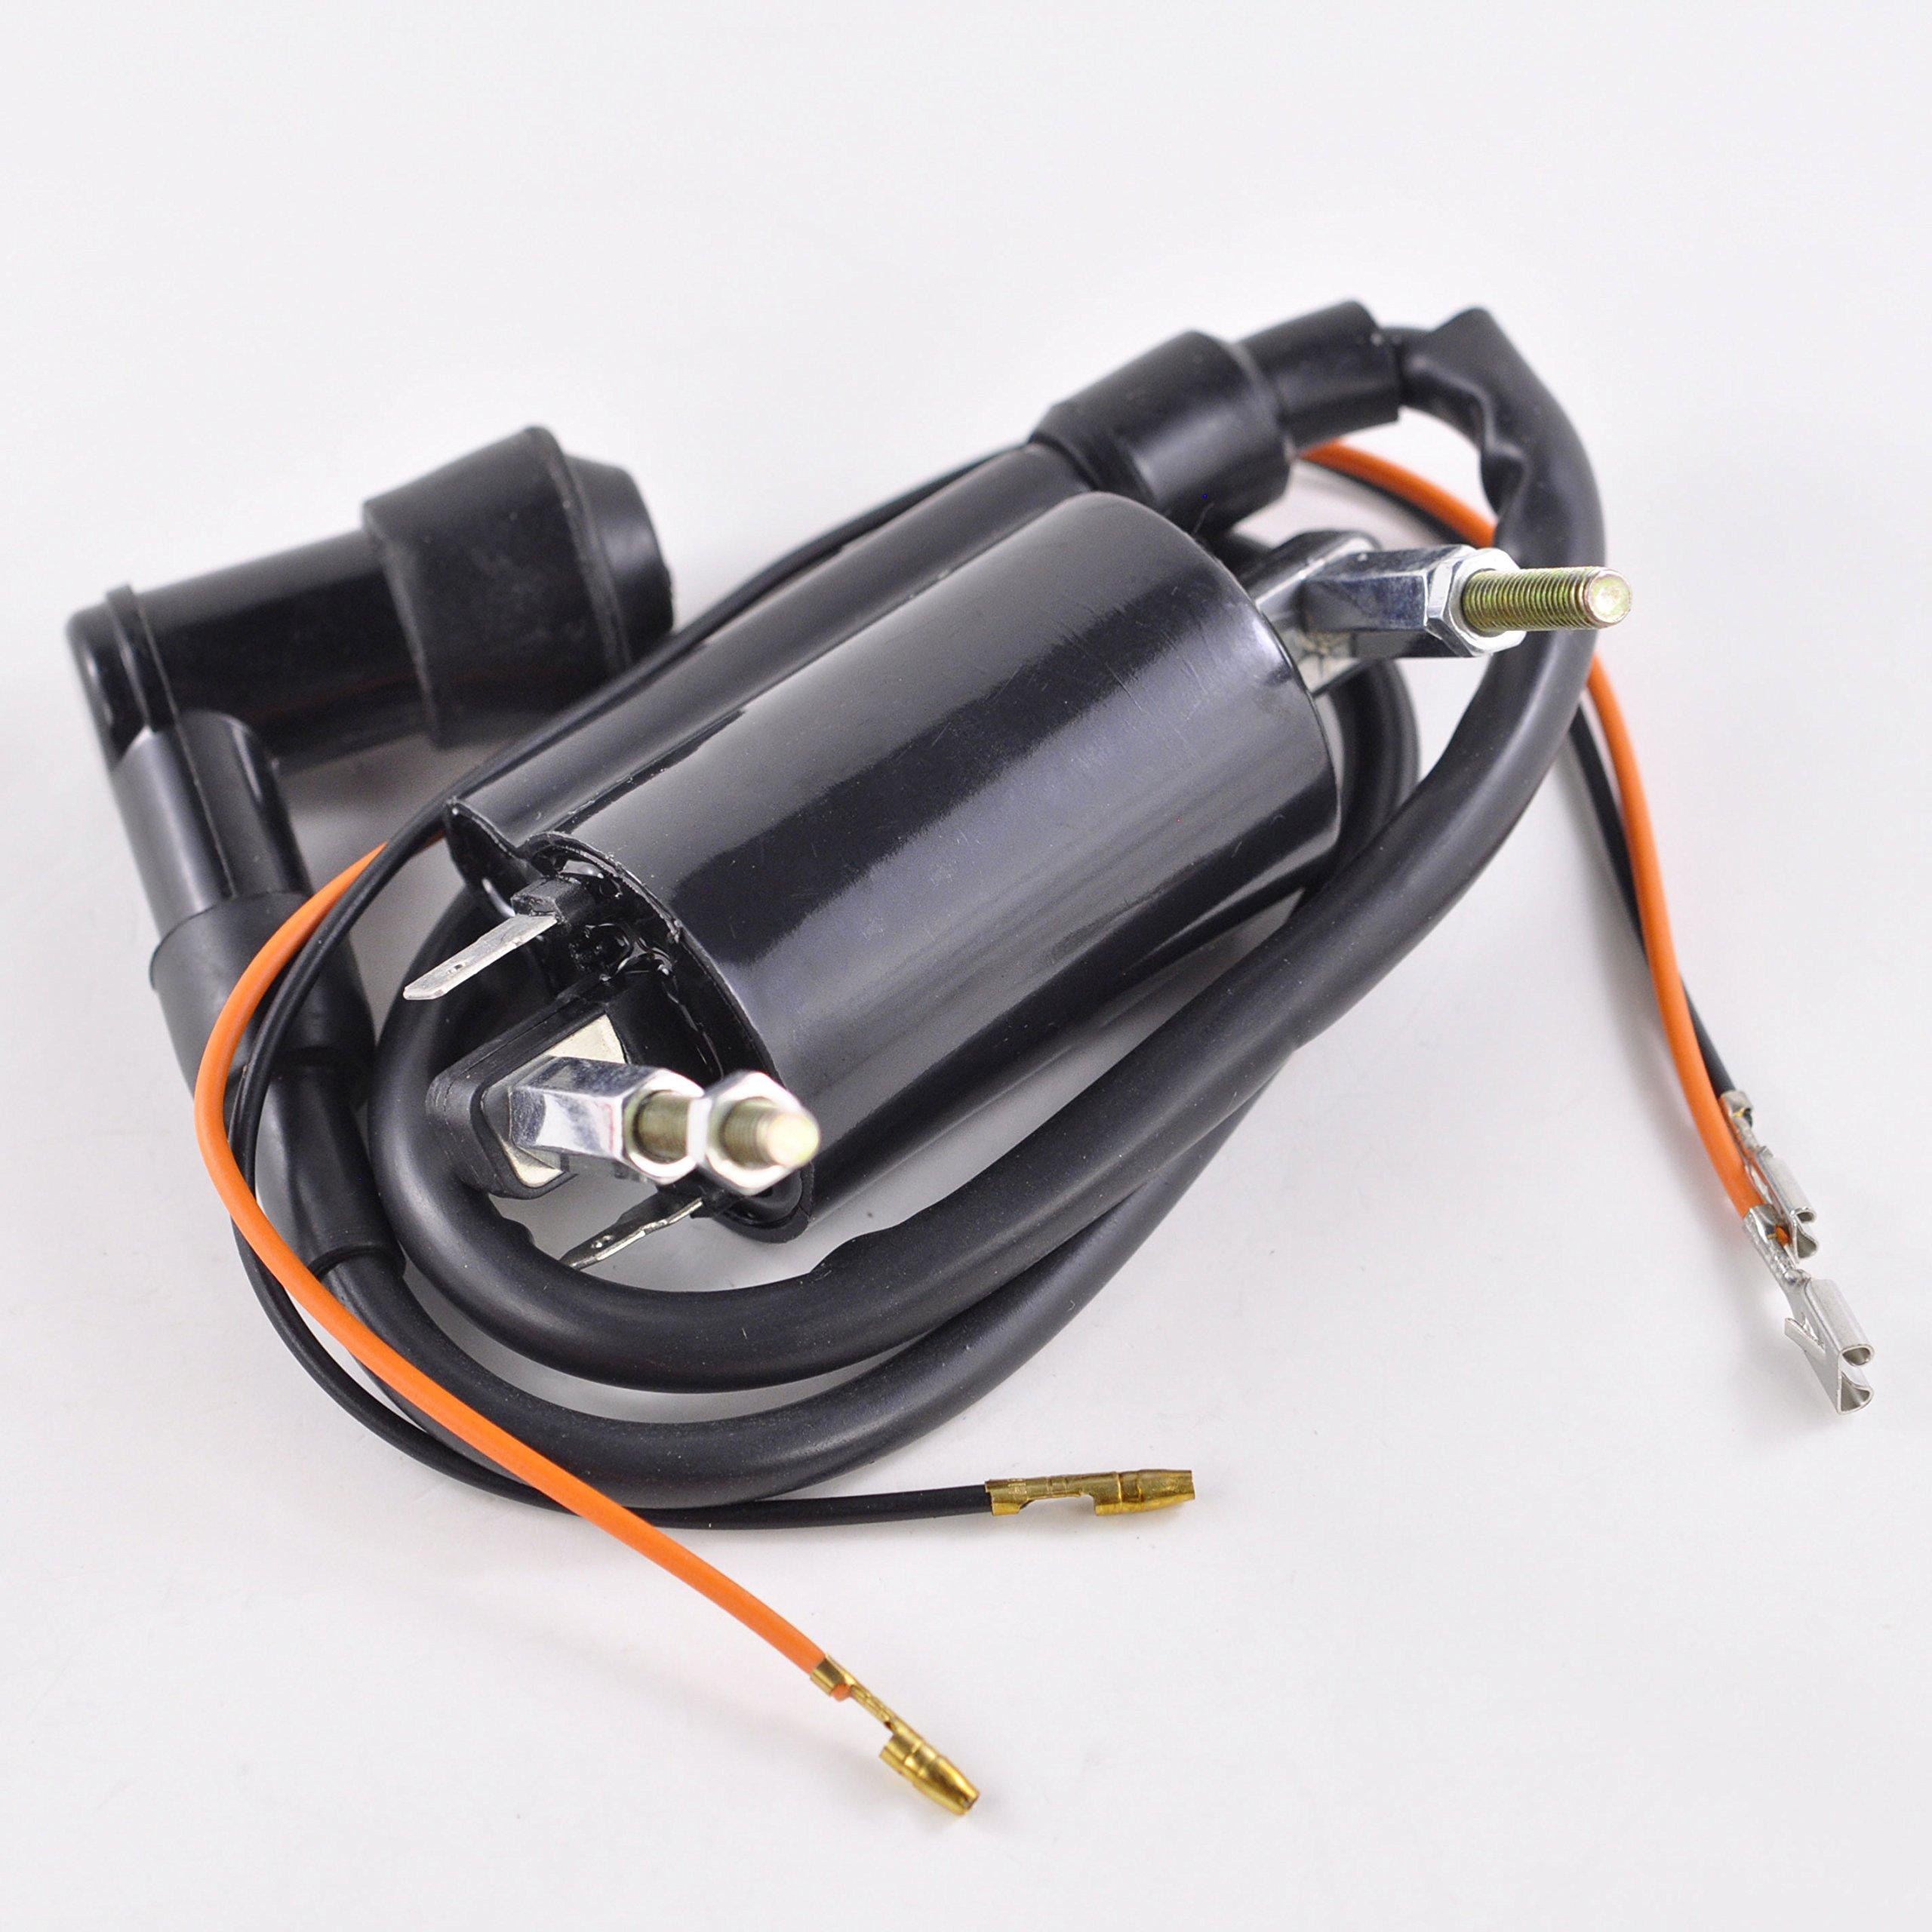 External Ignition Coil With Spark Plug Cap For Kawasaki KLF 300 Bayou B C 1988-2004 KLF300 KLF300C 4x4 OEM Repl.# 21121-1264 21160-1089 21121-1049